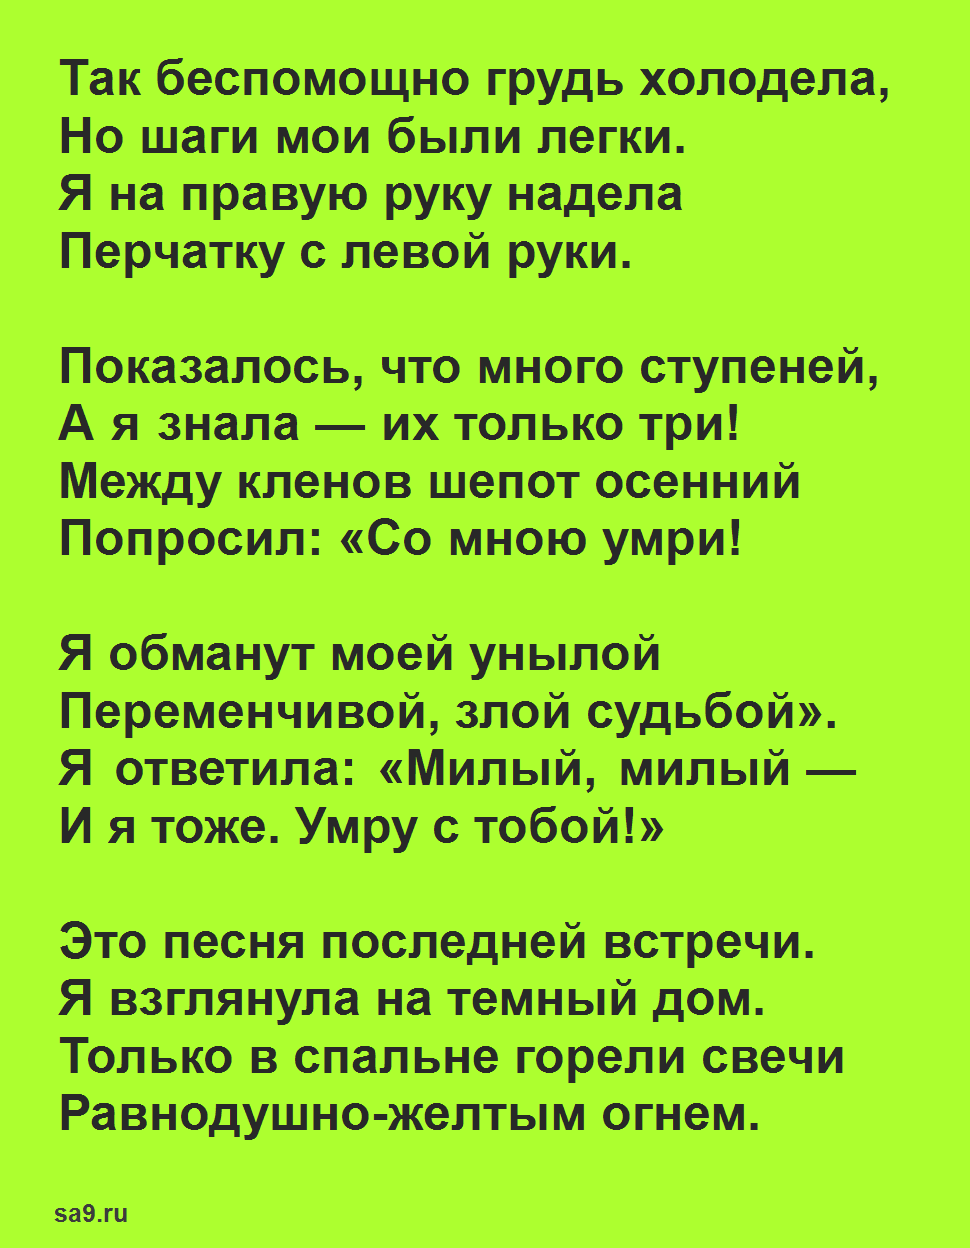 Красивые стихи Ахматовой о любви, 16 строк - Песня последней встречи